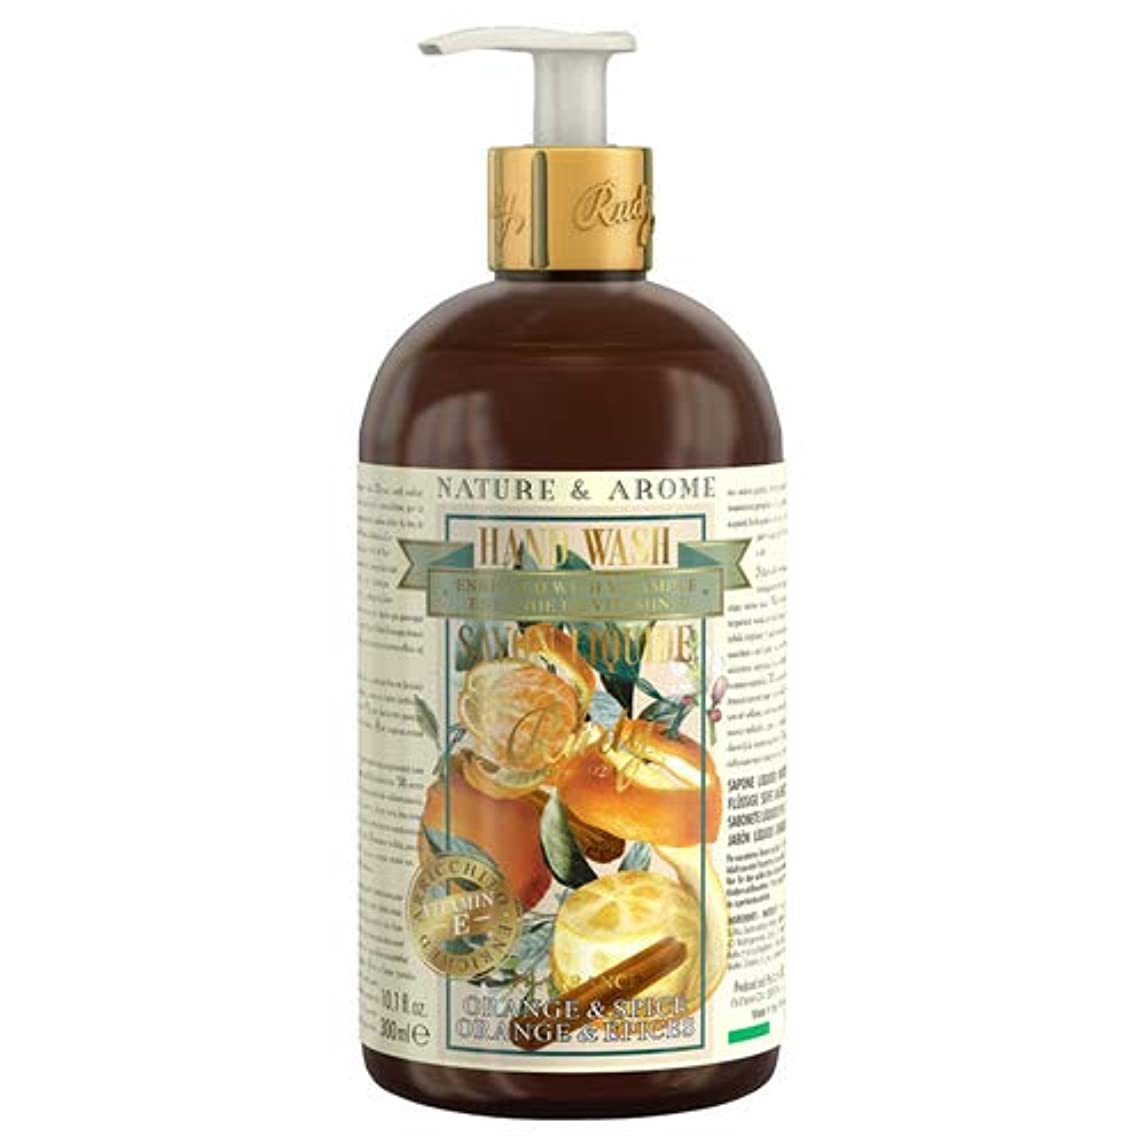 大惨事リズムブラシRUDY Nature&Arome Apothecary ネイチャーアロマ アポセカリー Hand Wash ハンドウォッシュ(ボディソープ) Orange & Spice オレンジ&スパイス